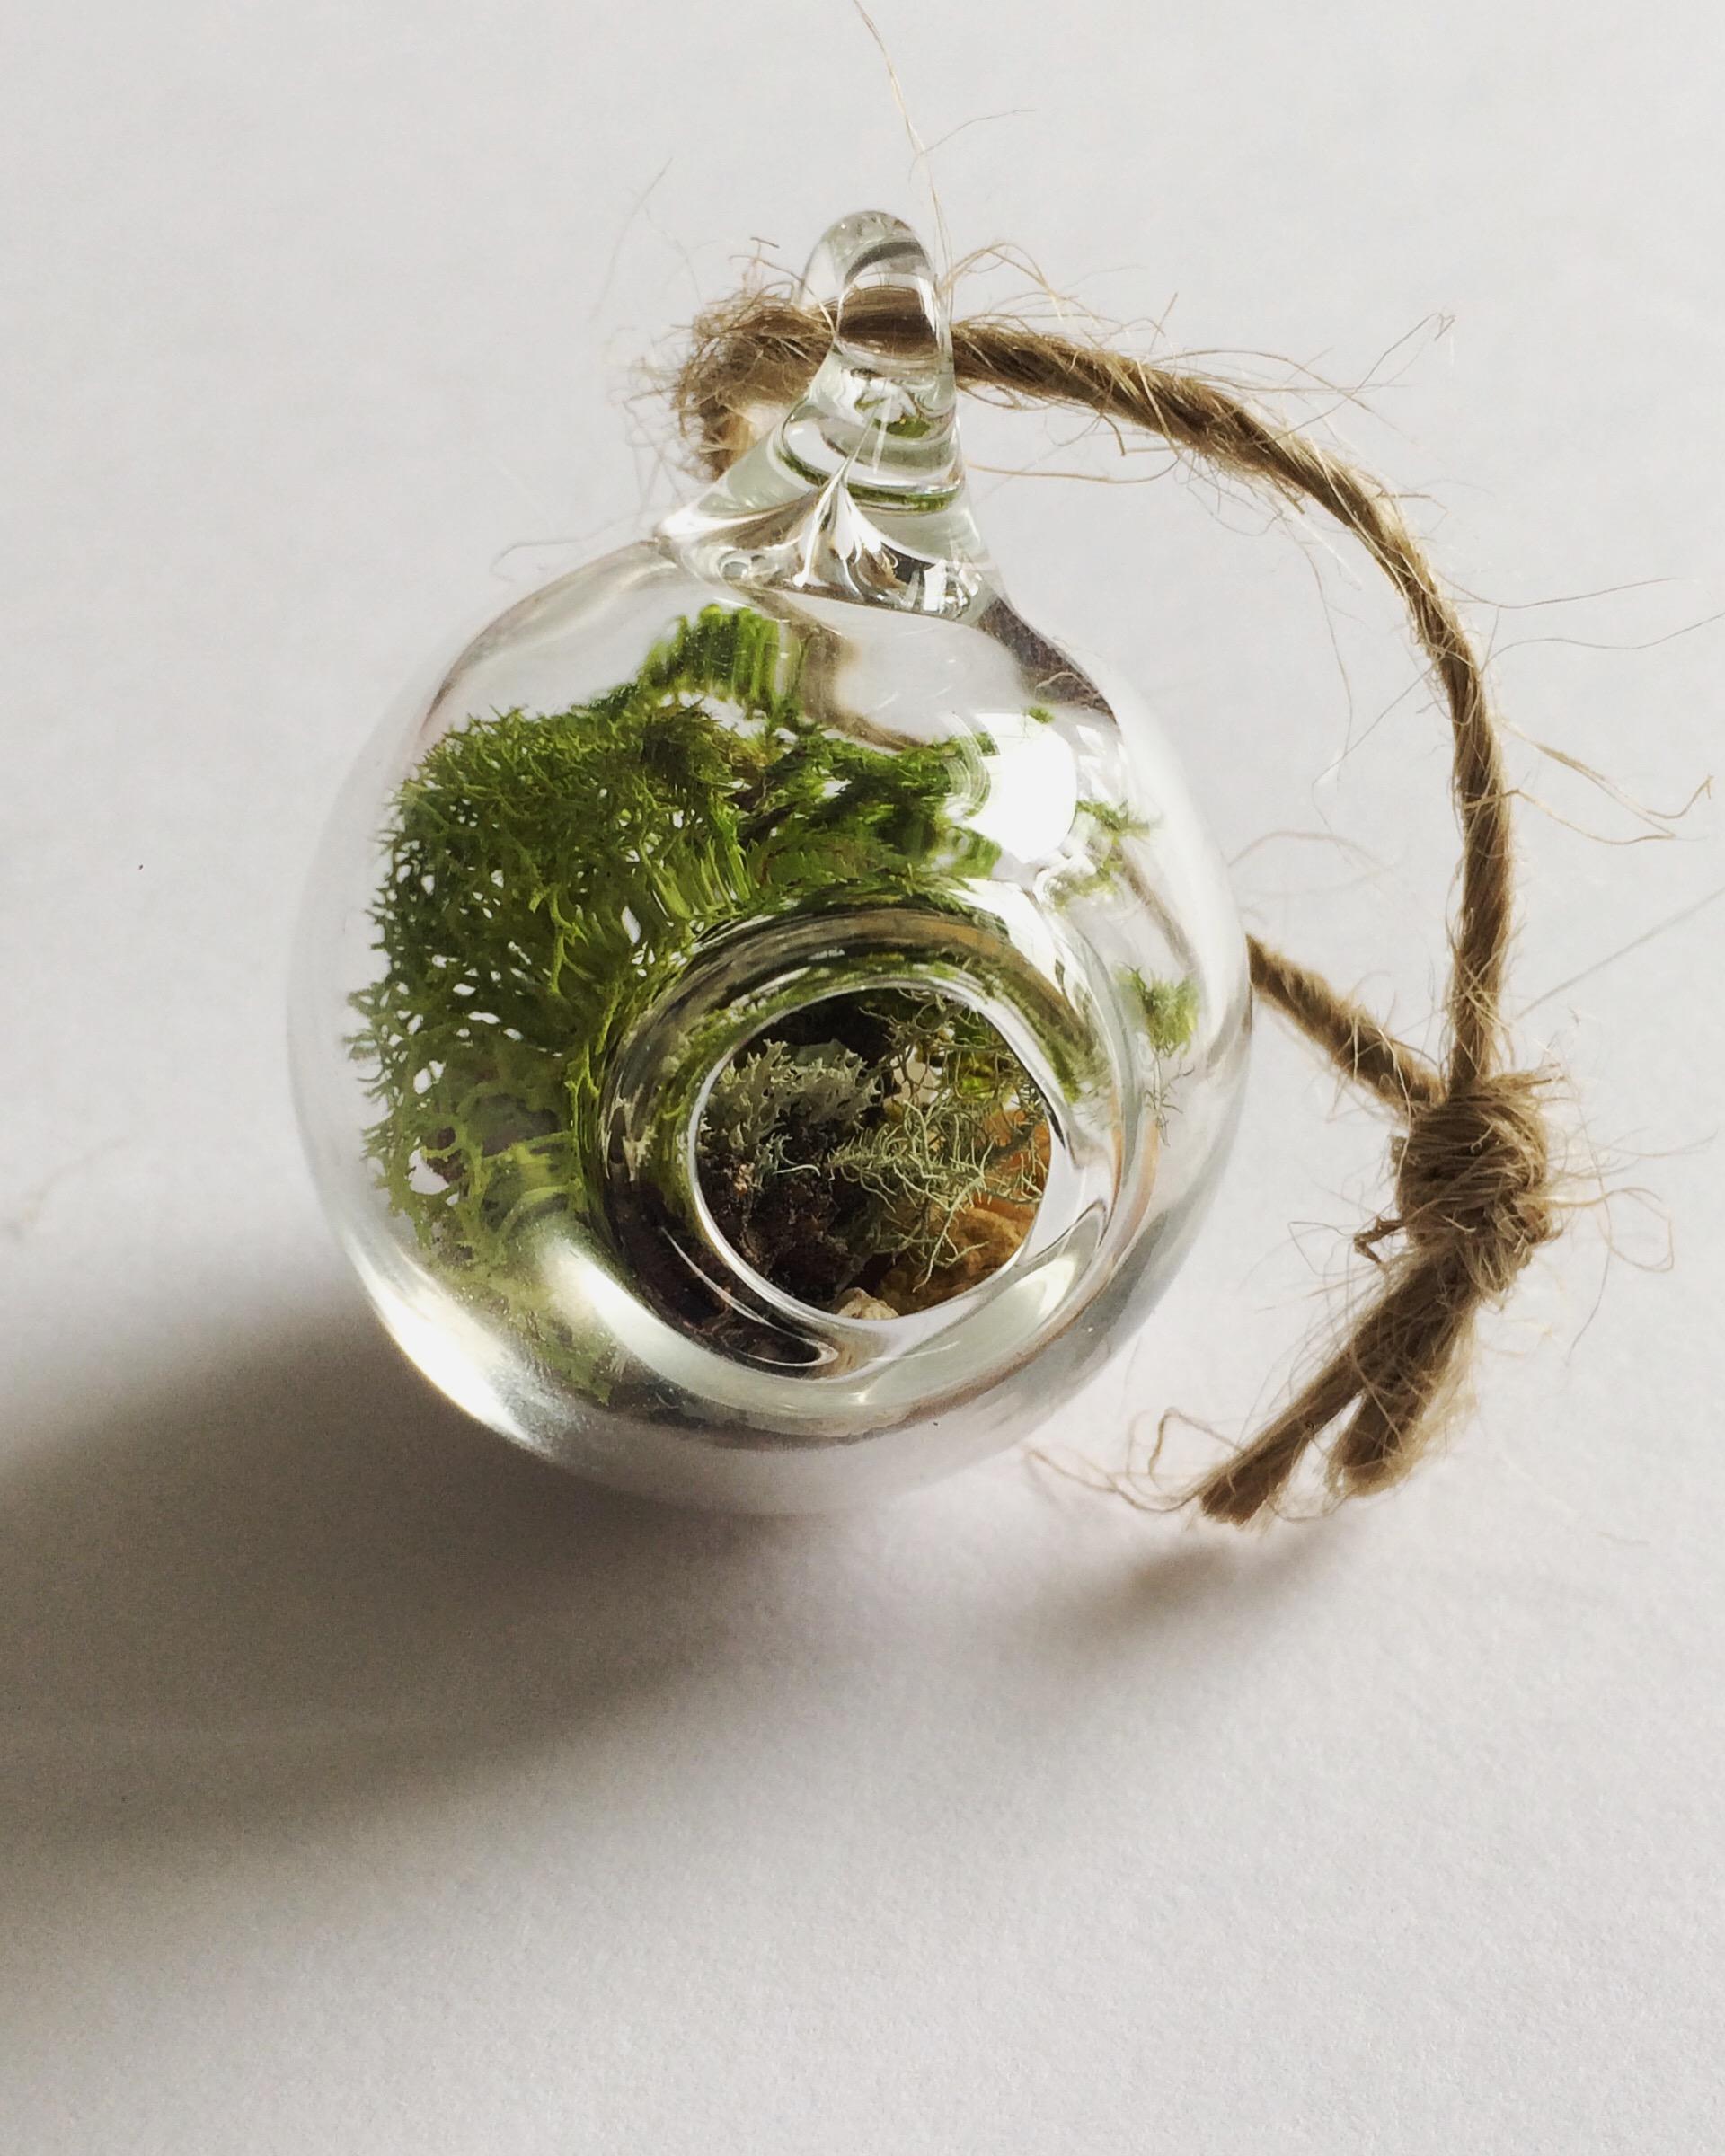 Mini Glass Terrarium Tree Ornament - Brook Drabot Glass